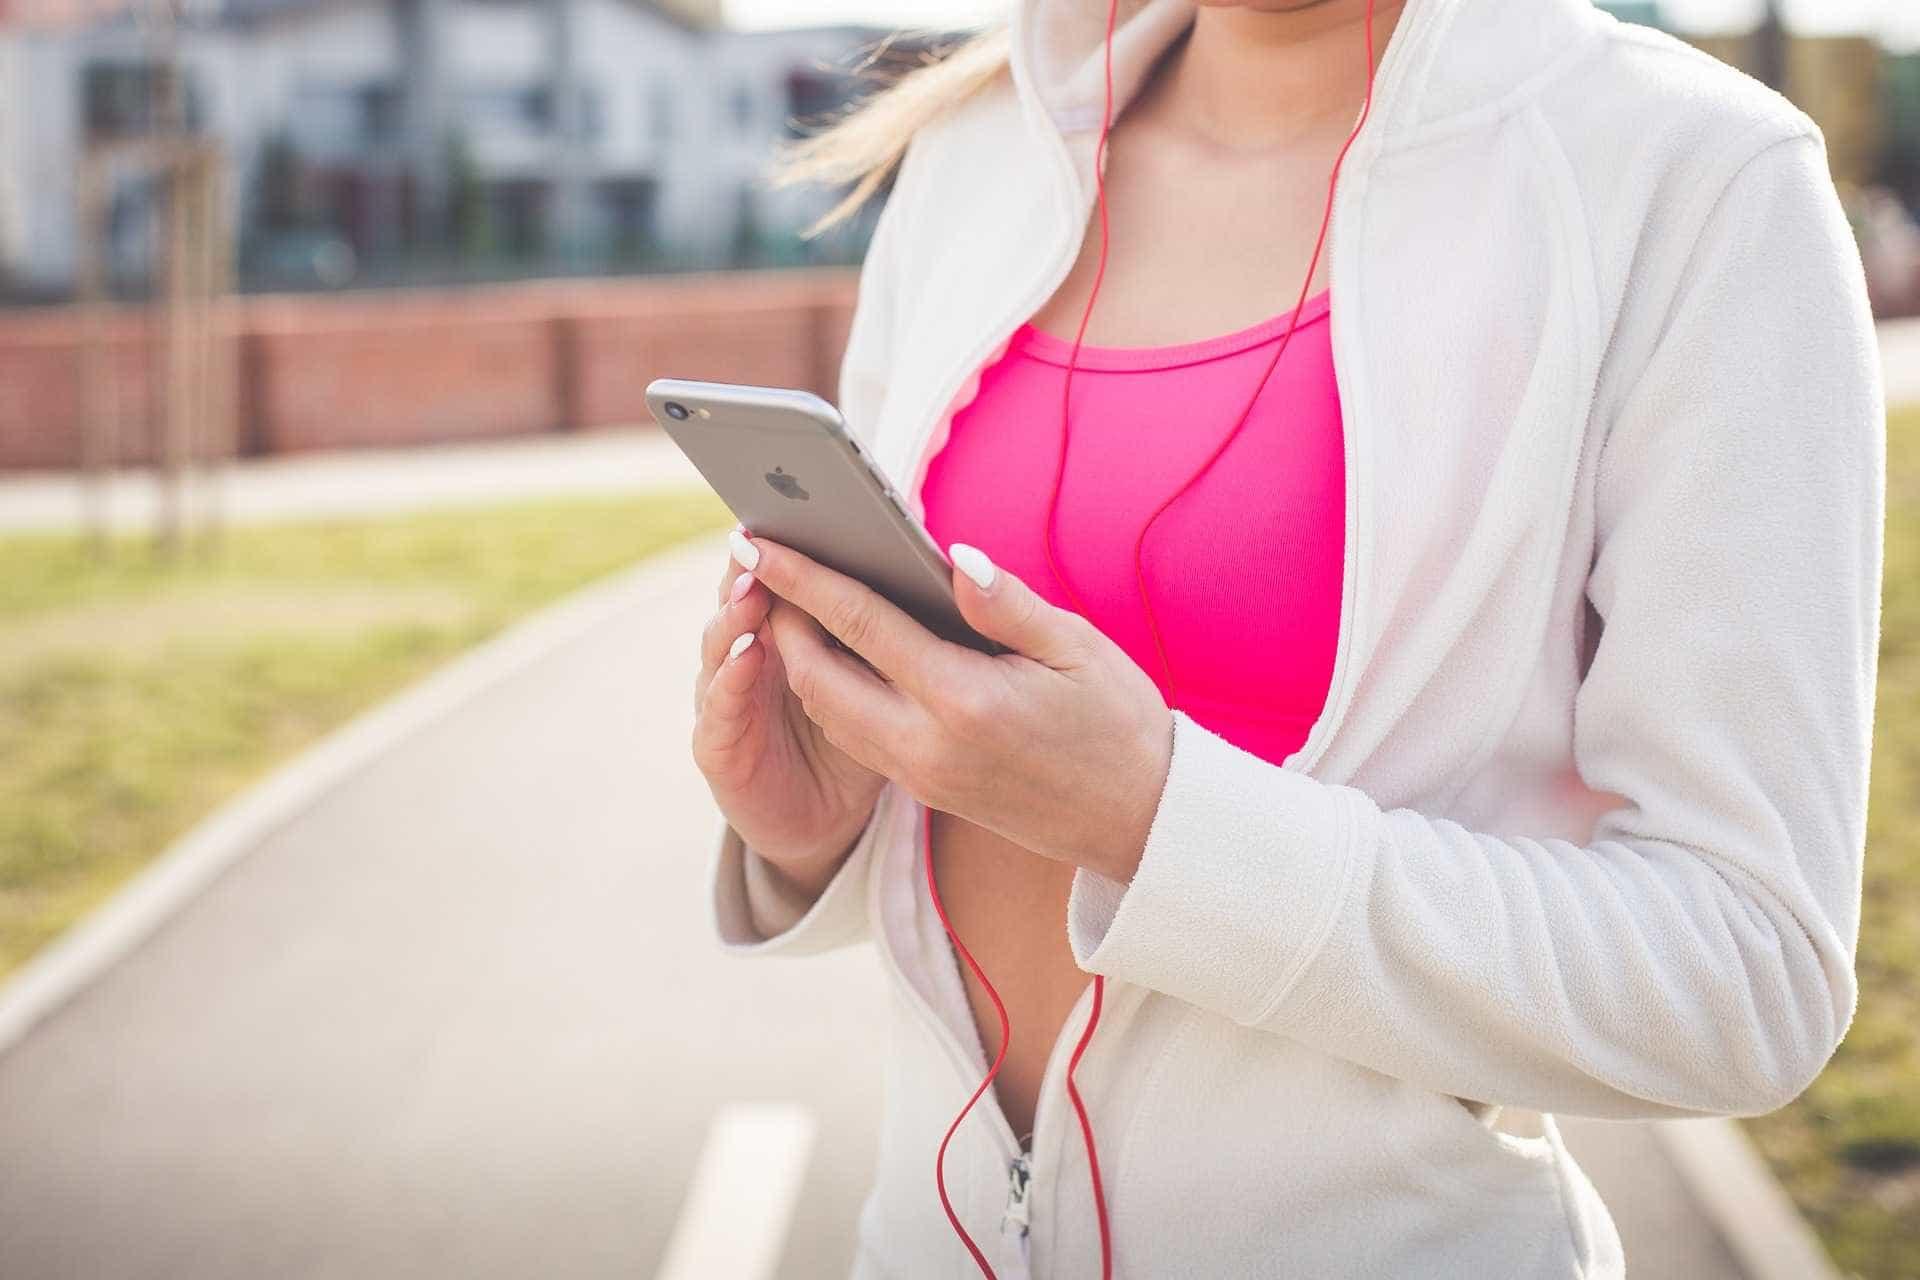 Aplicativo de exercícios ganha adeptos